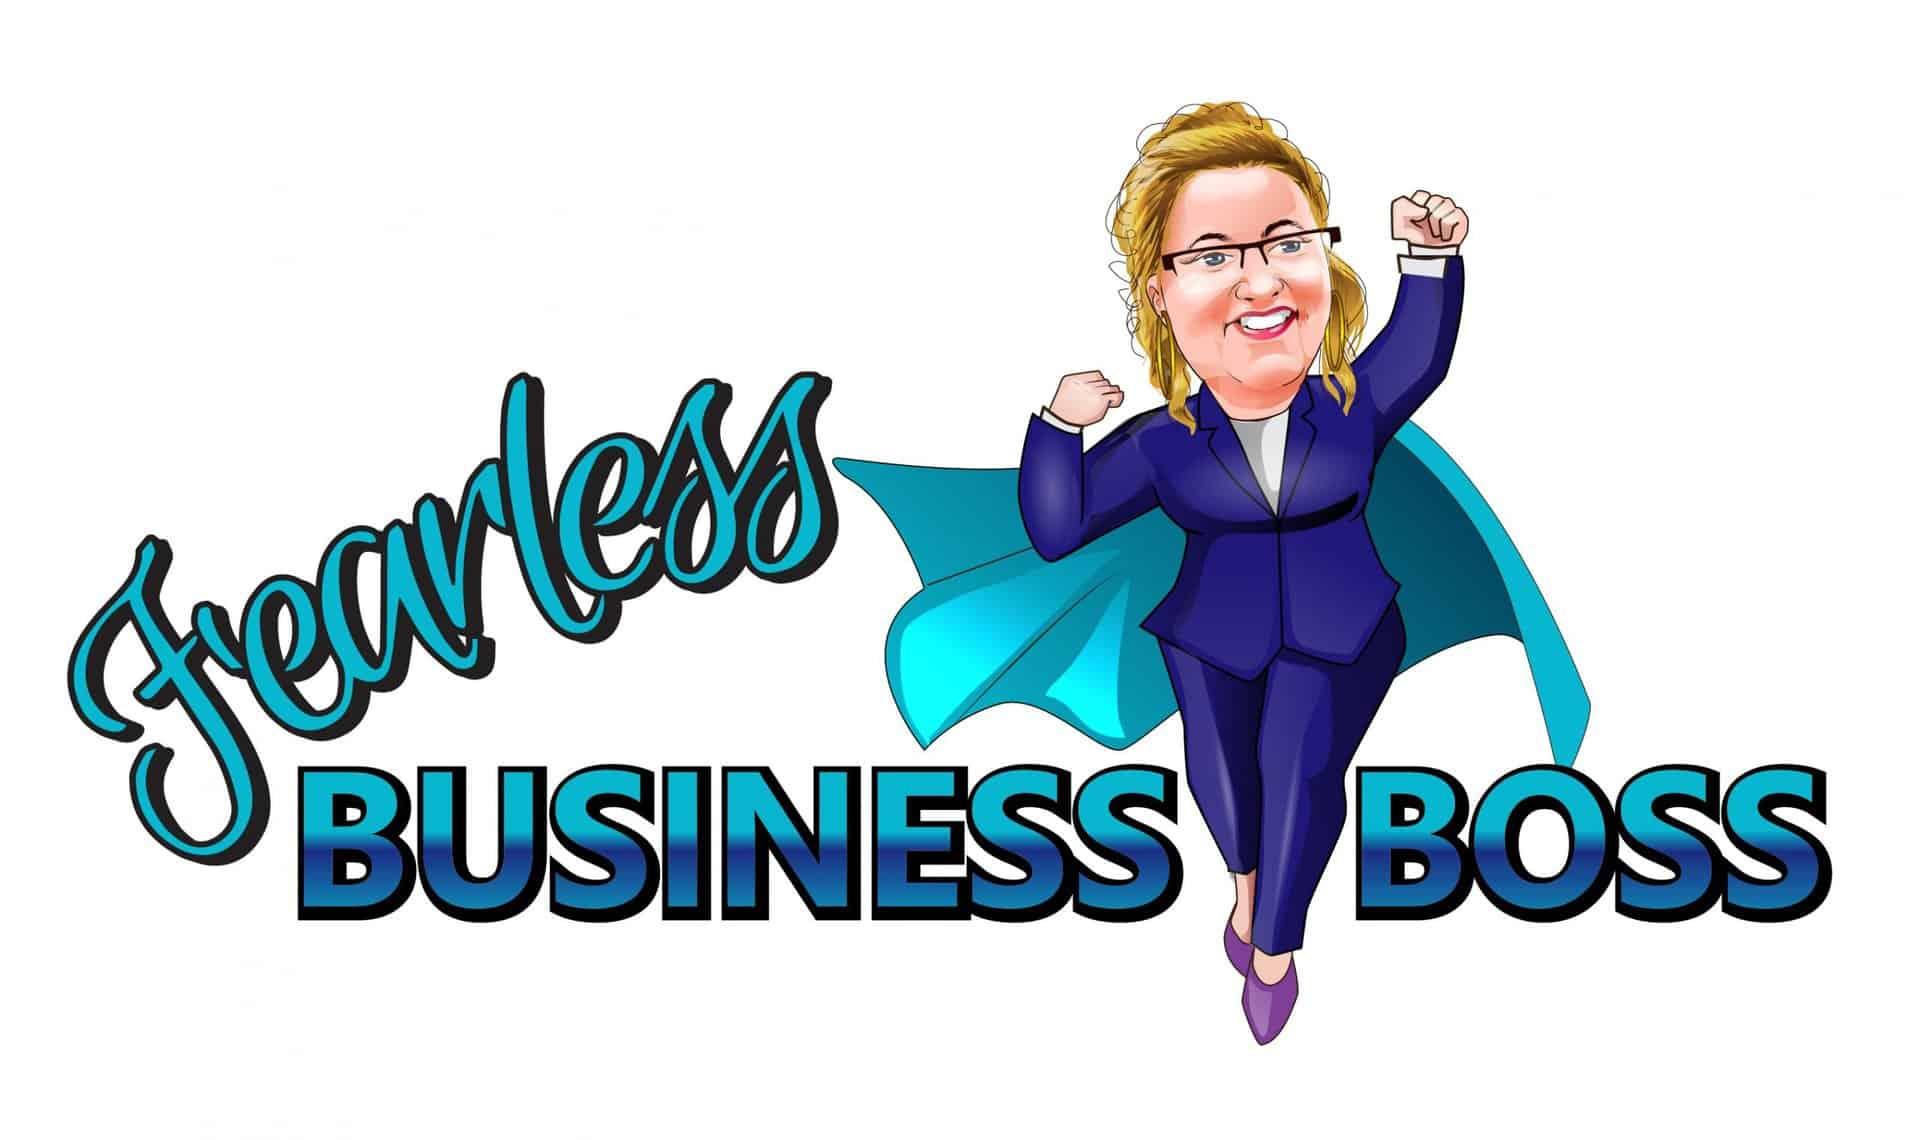 Fearless Business Boss